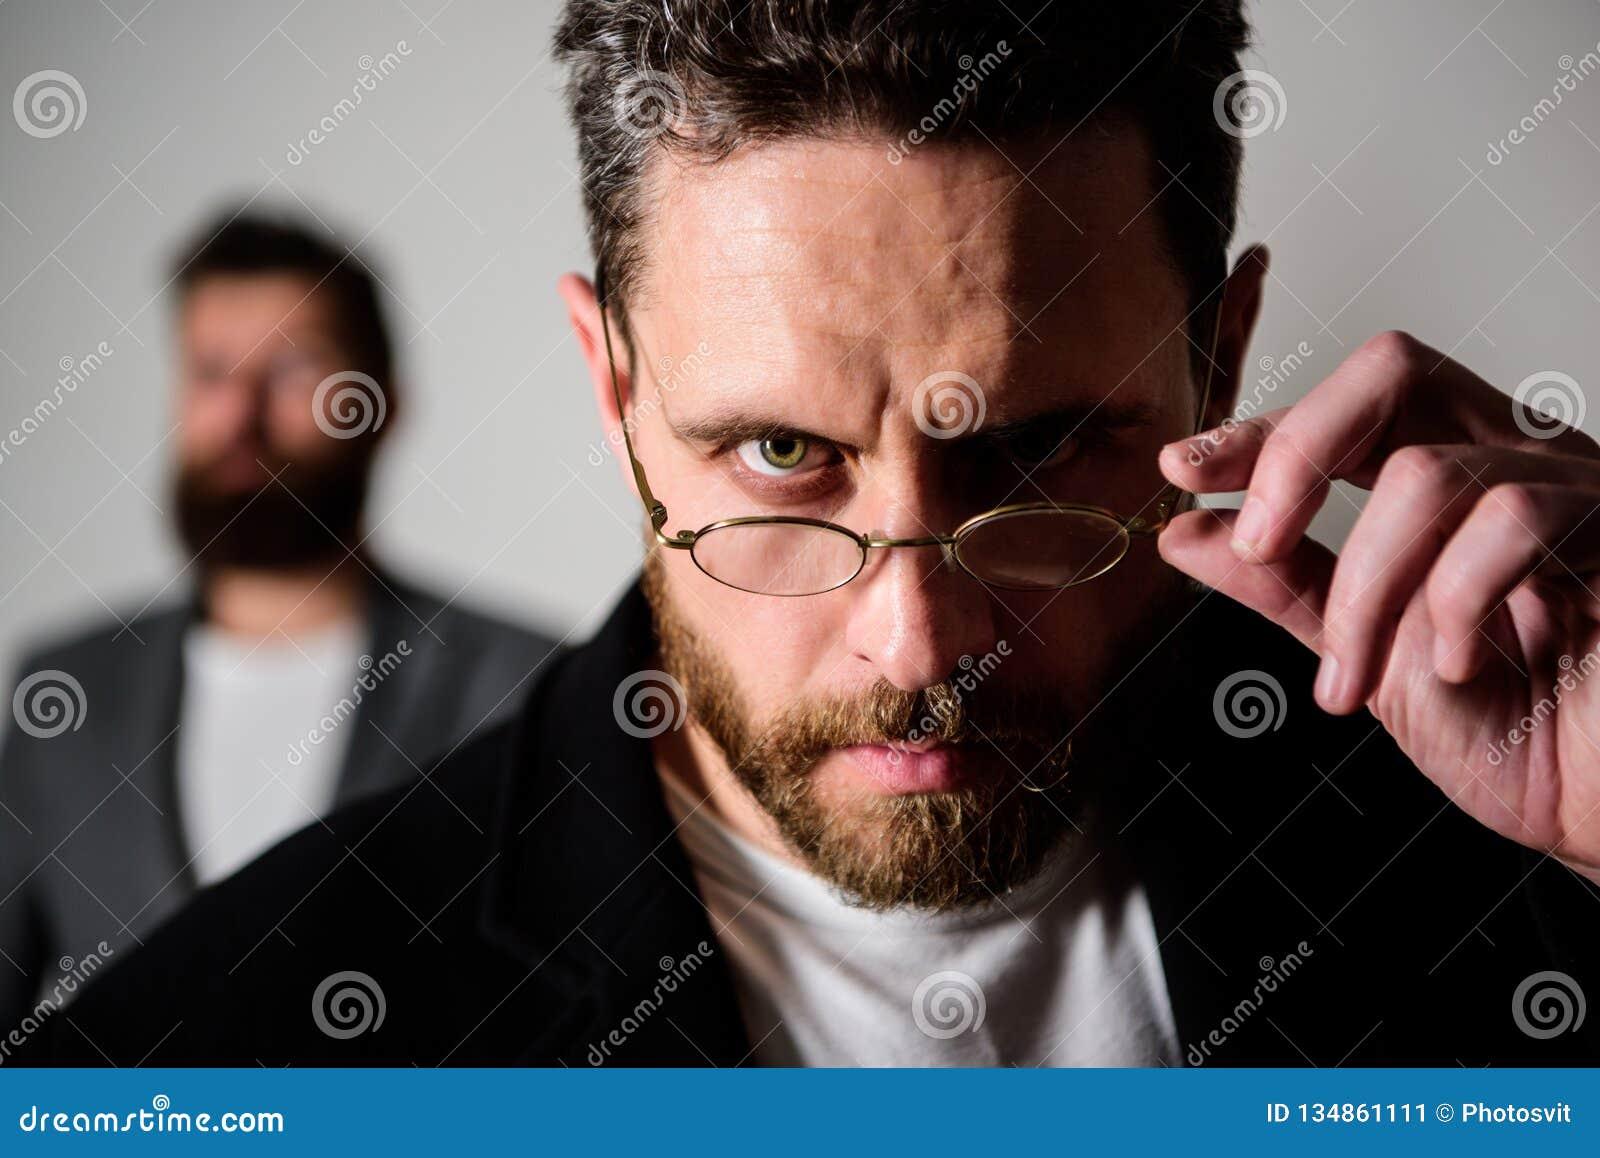 Slimme blik Toebehoren voor slimme verschijning Nu zie ik alles Aandachtige blik Pietluttige slimme inspecteur Mens